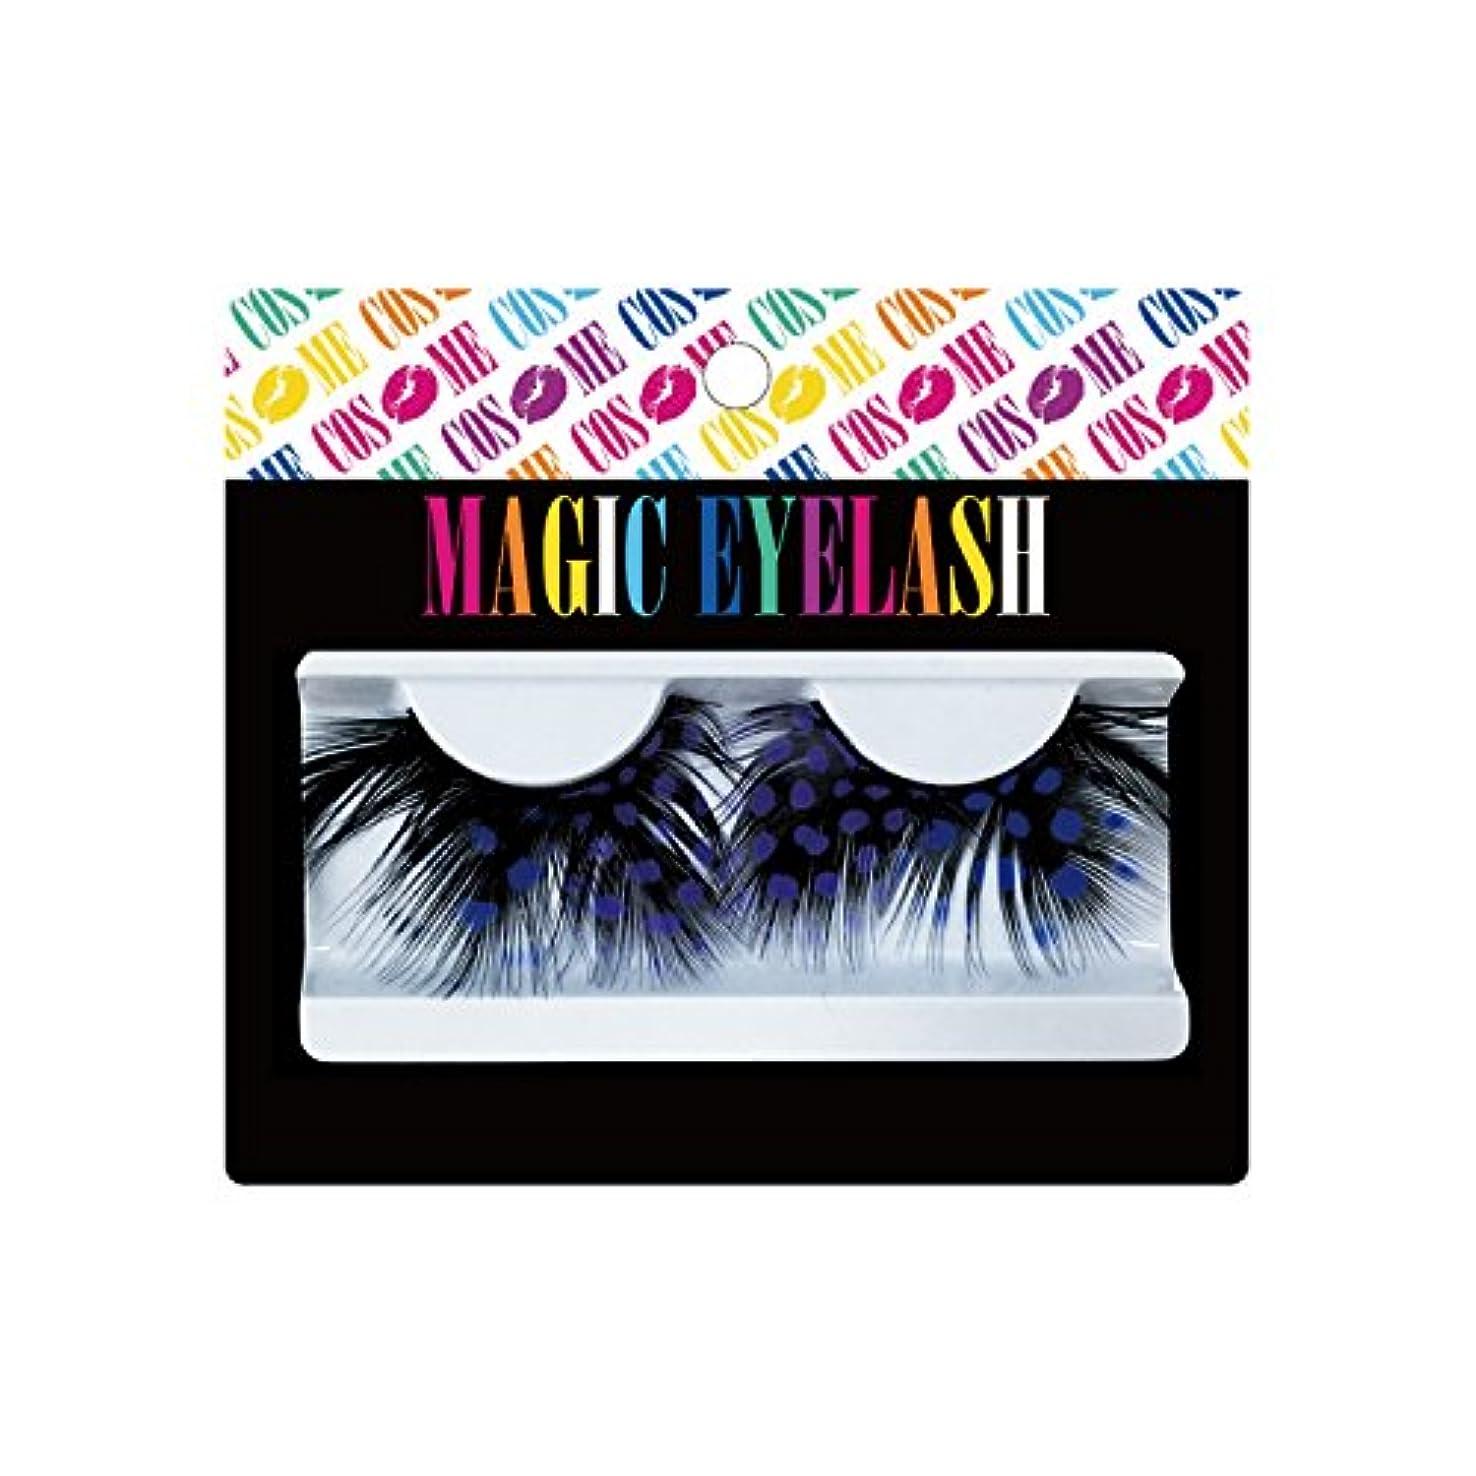 代わりに細断脚本ピュア つけまつげ MAGIC EYELASH マジック アイラッシュ #9